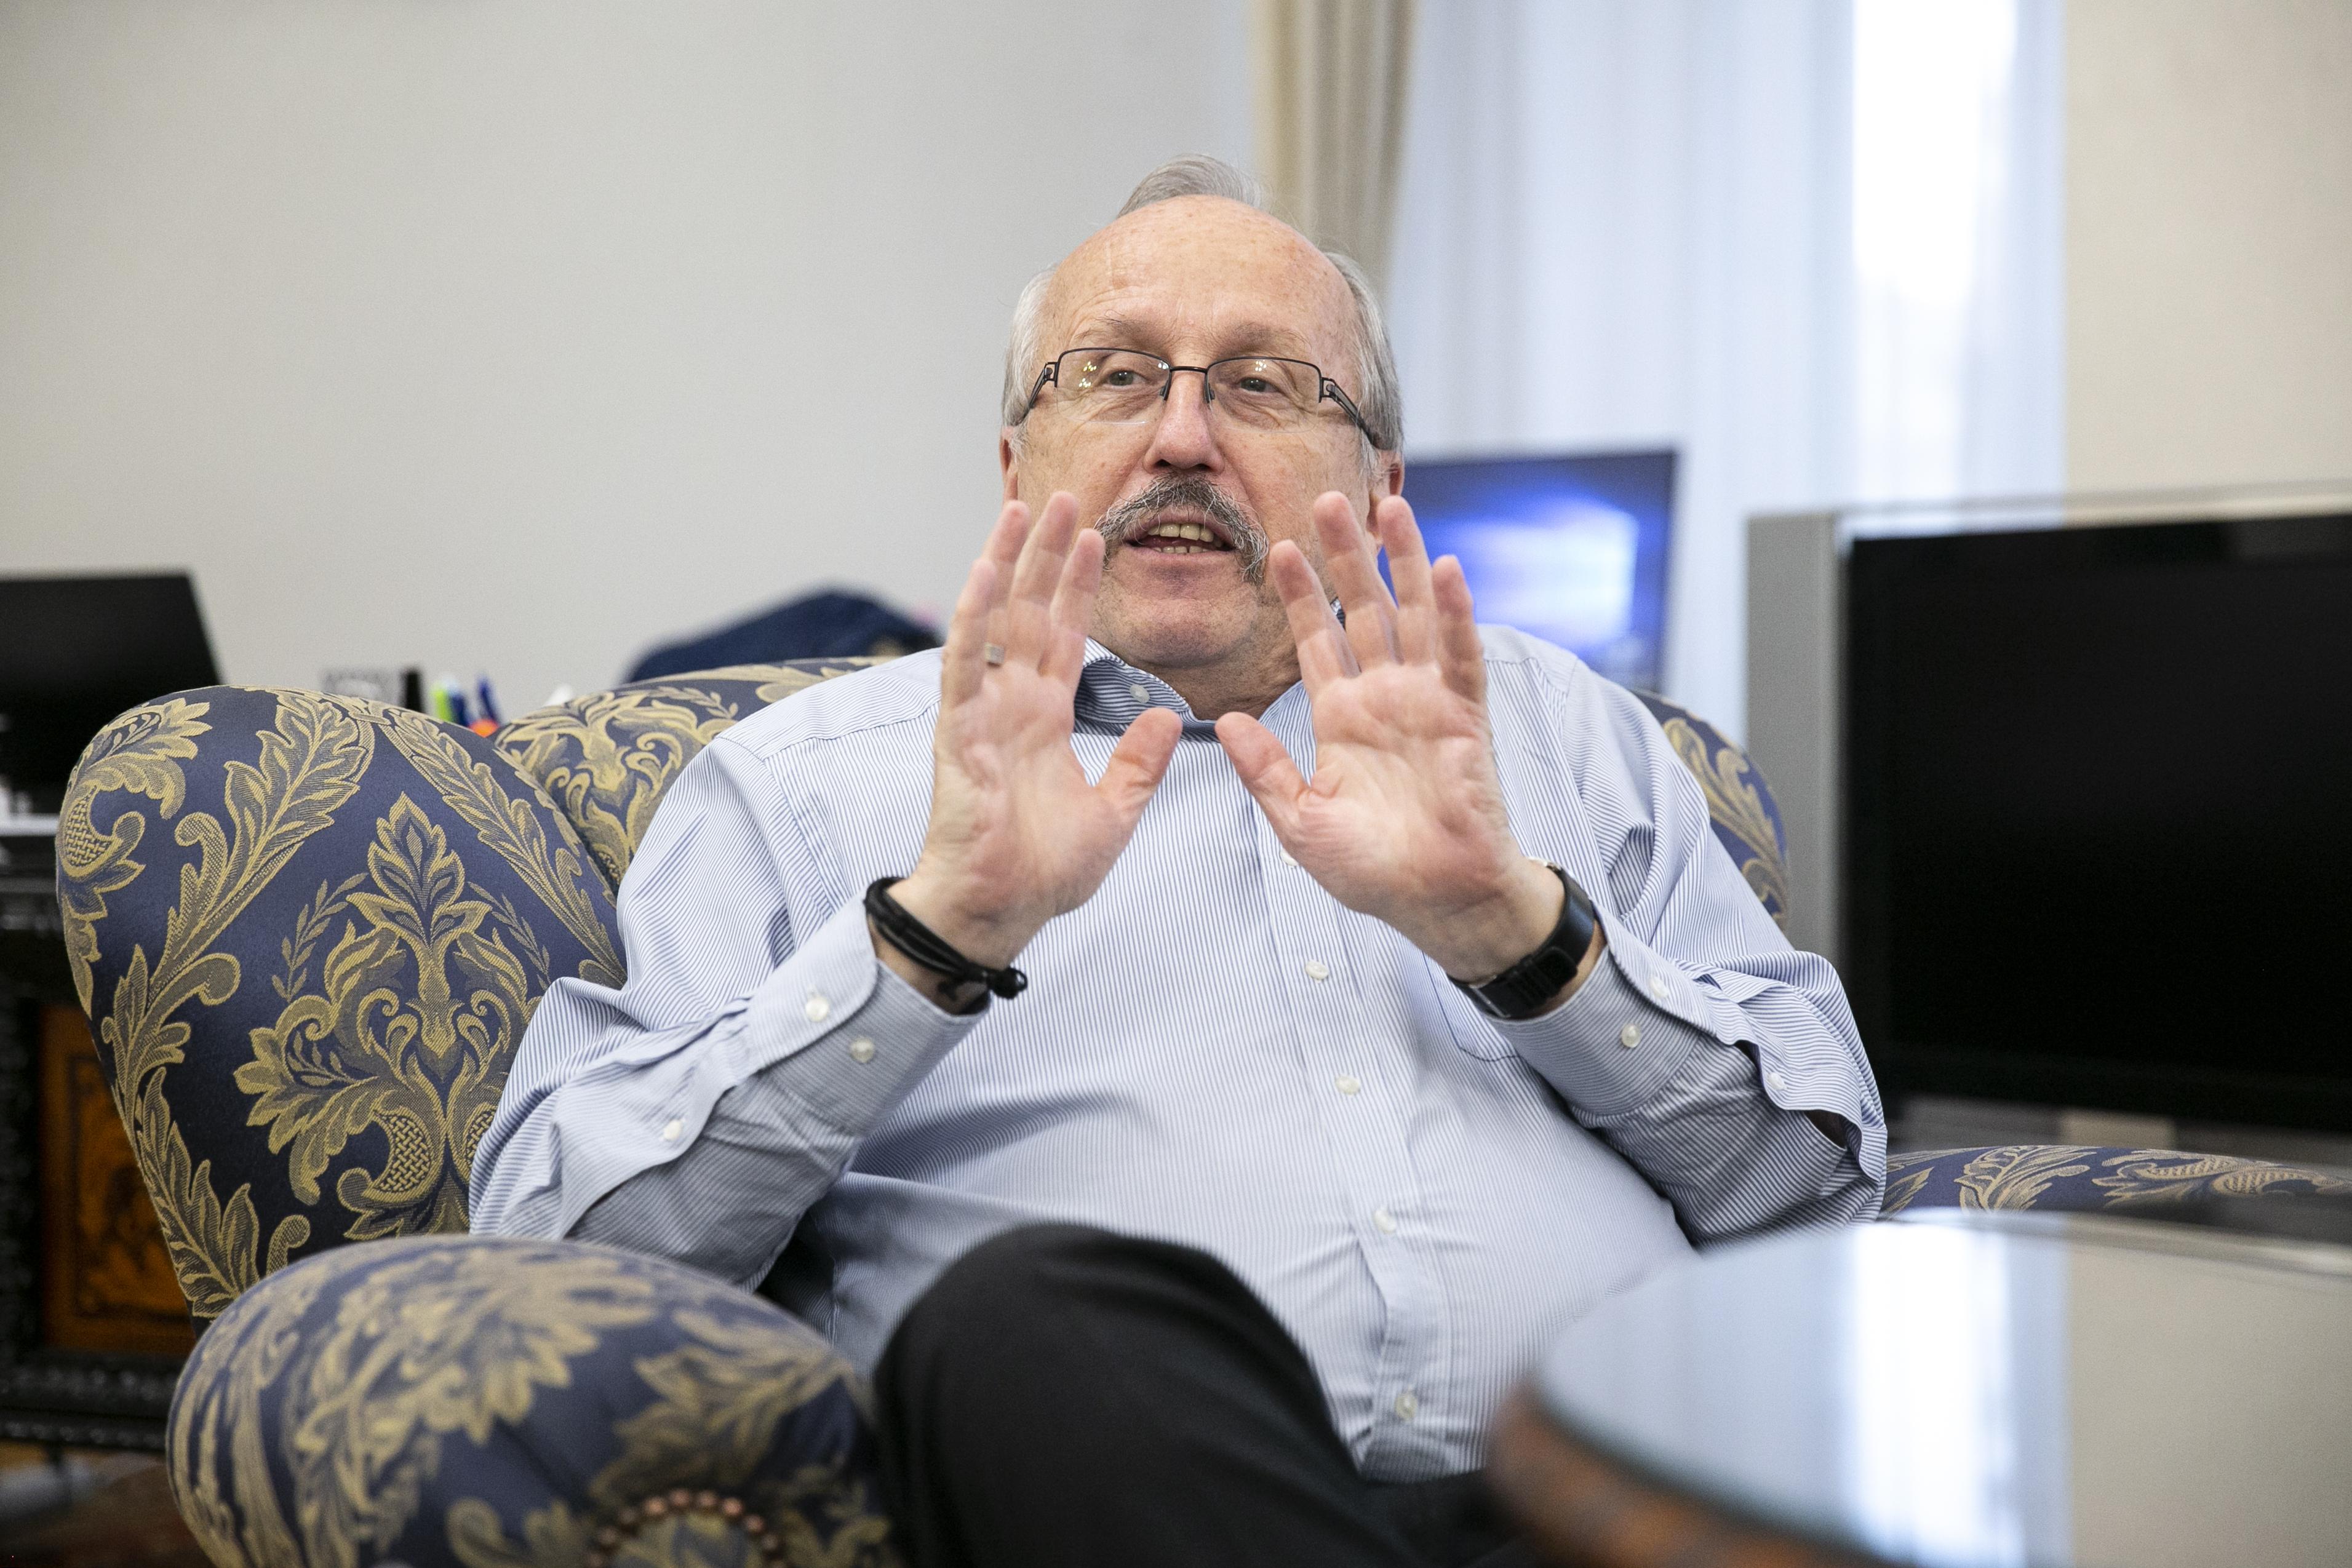 Nem vagyunk drogdílerek, válaszolta a taxisszövetség Niedermüller Péternek